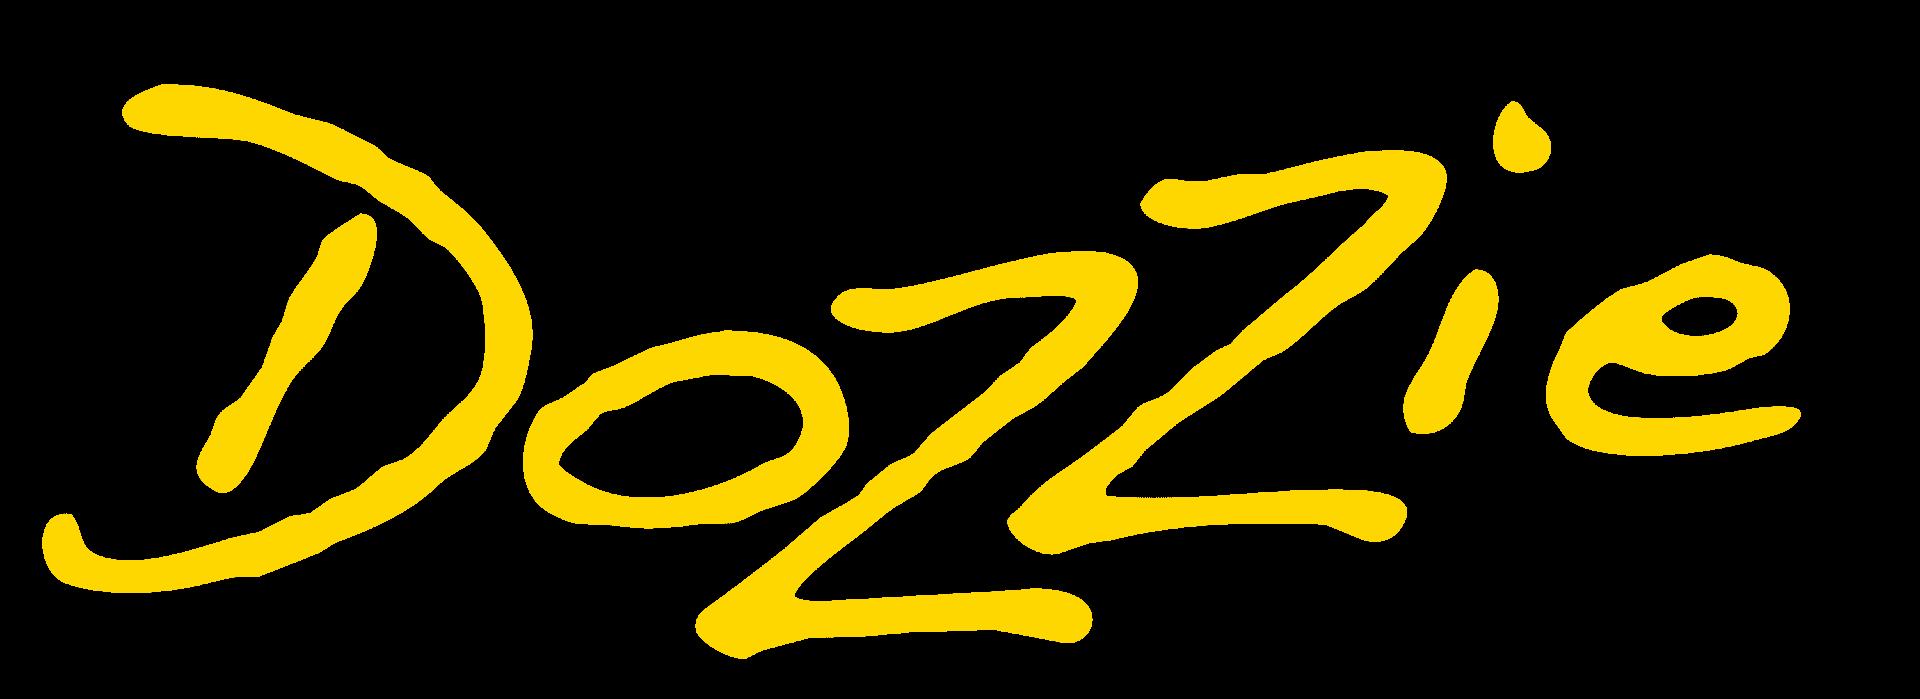 dozzielogo-2